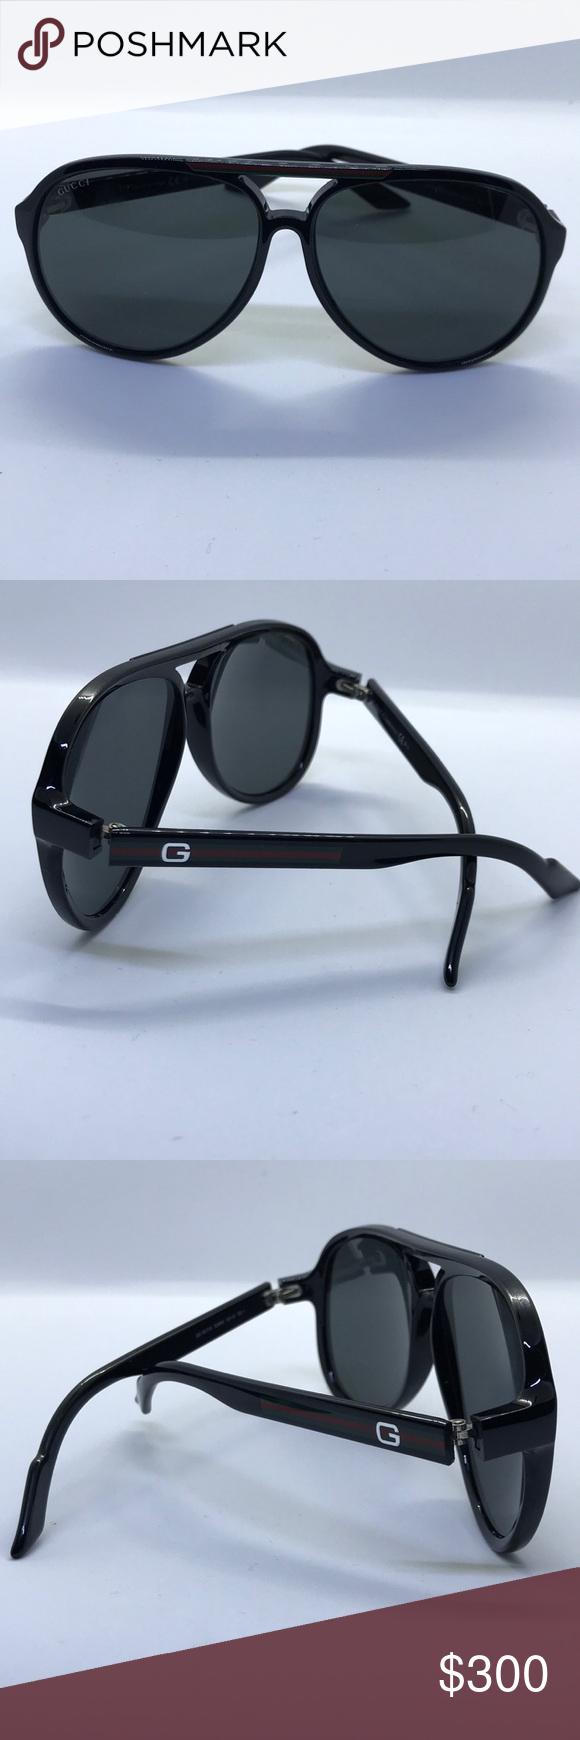 5908e799aec Authentic Gucci Men s Aviator Sunglasses Gucci Men s Aviators Black men s  sunglasses model GG 1627 S Gucci Accessories Sunglasses